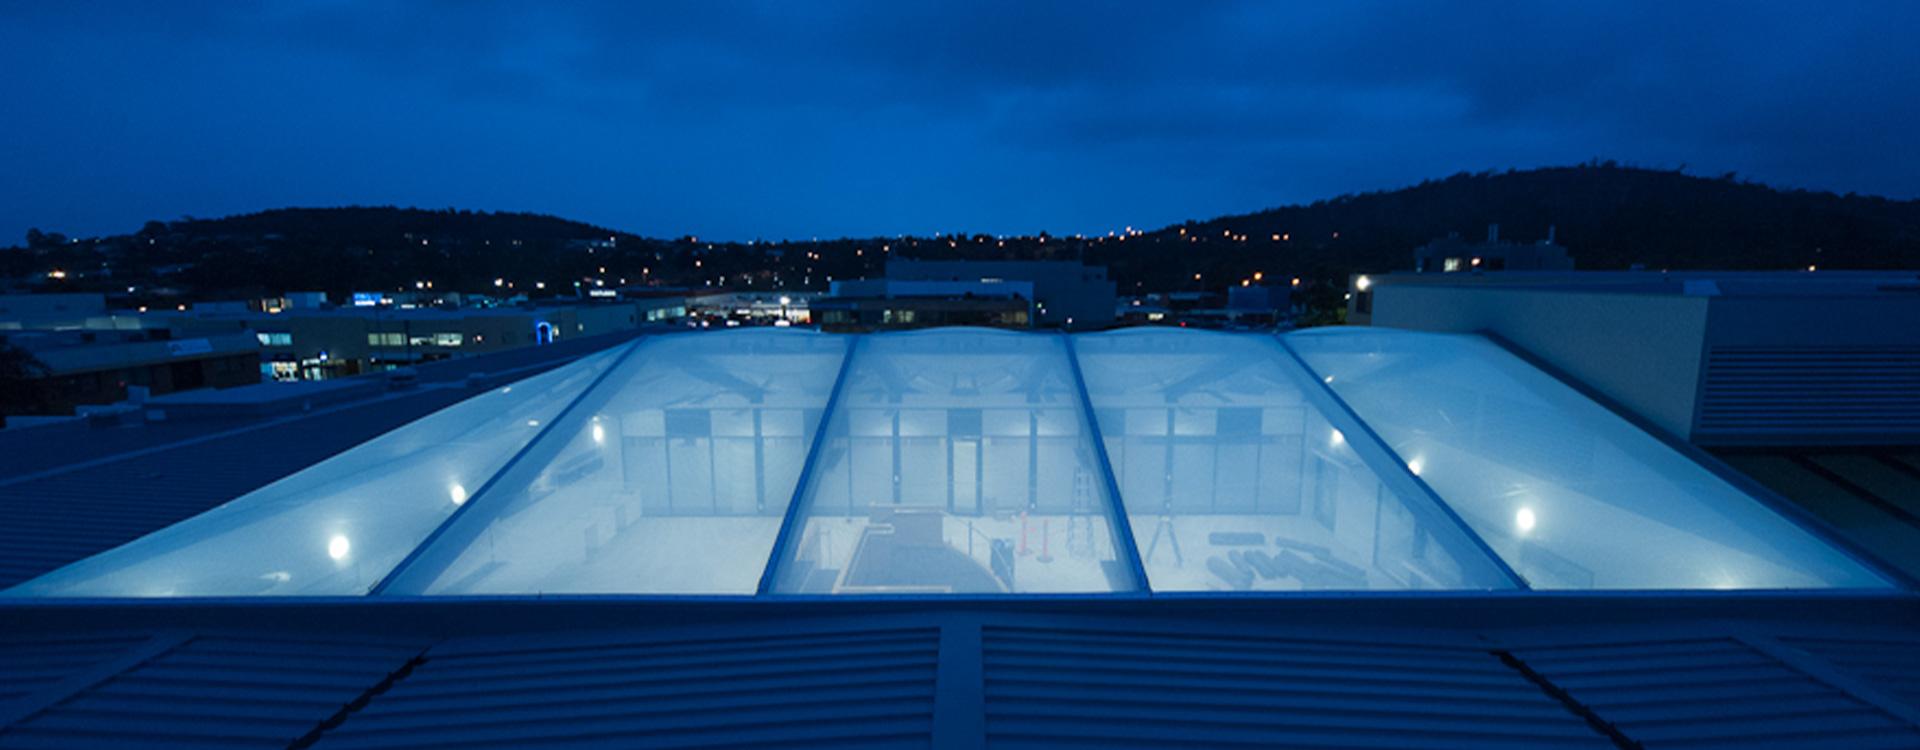 ETFE skylight